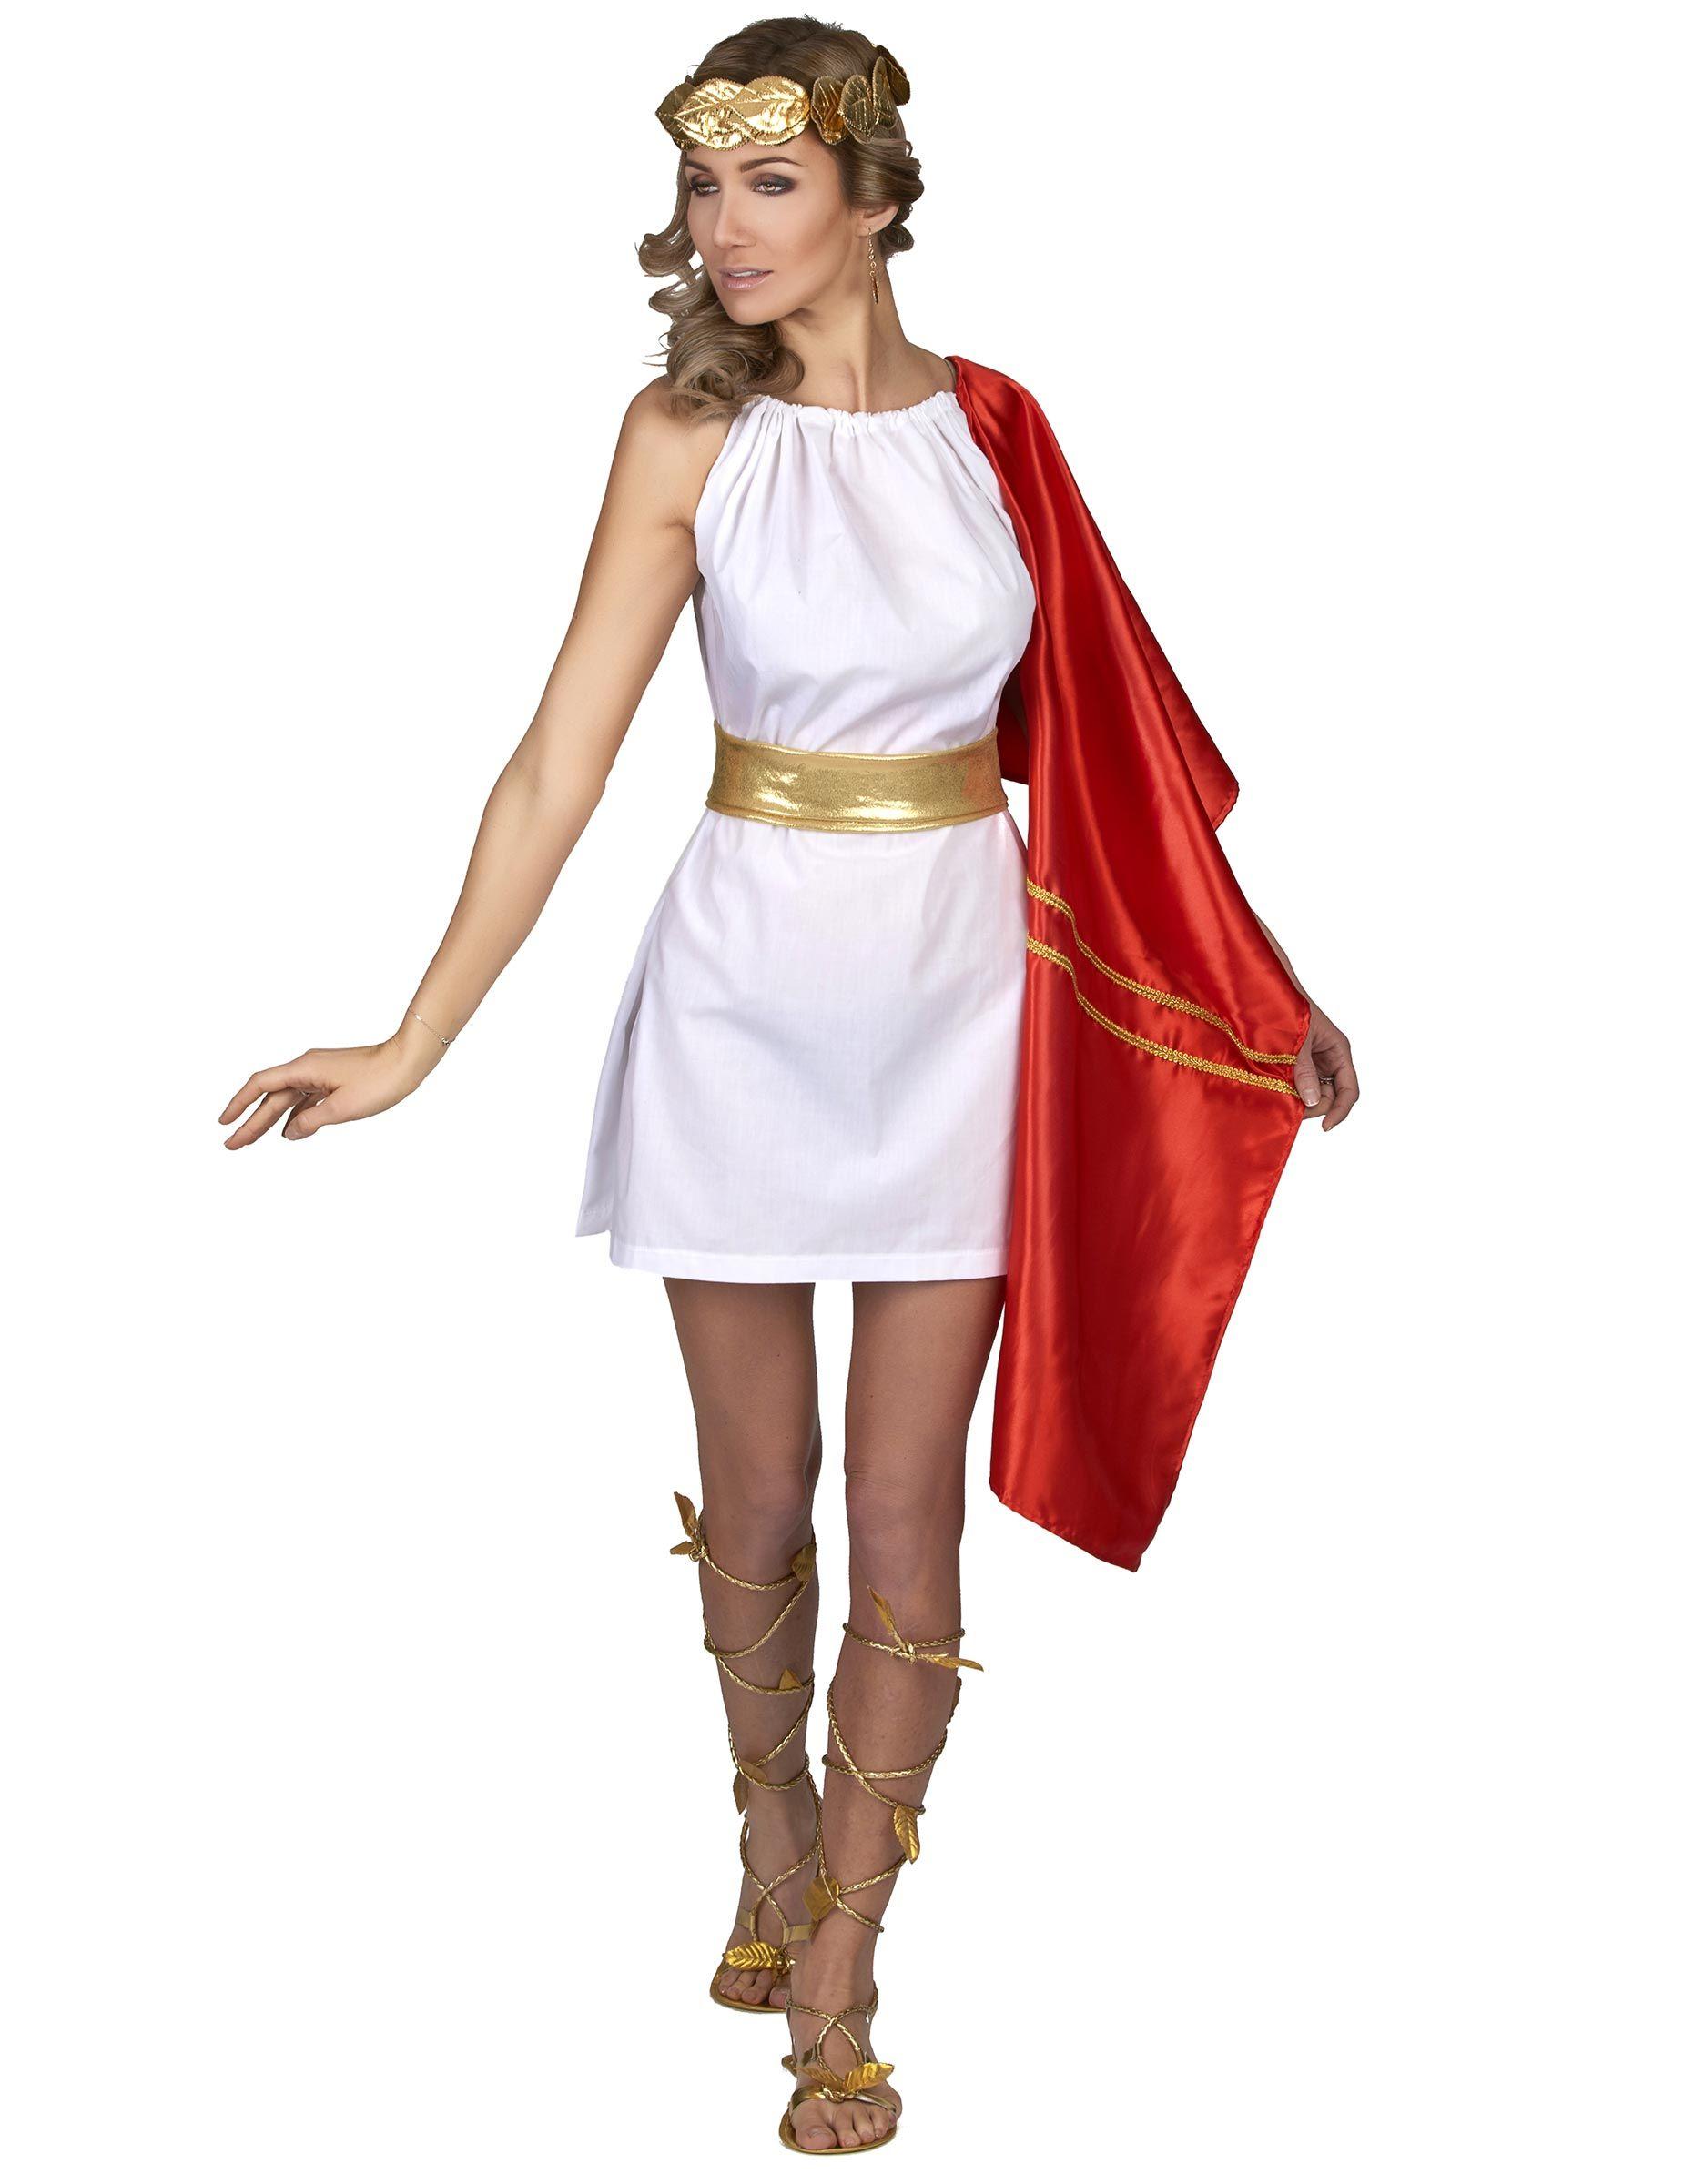 23542e2976d Disfraz romana rojo y dorado mujer: Este disfraz de romana para mujer  incluye vestido,